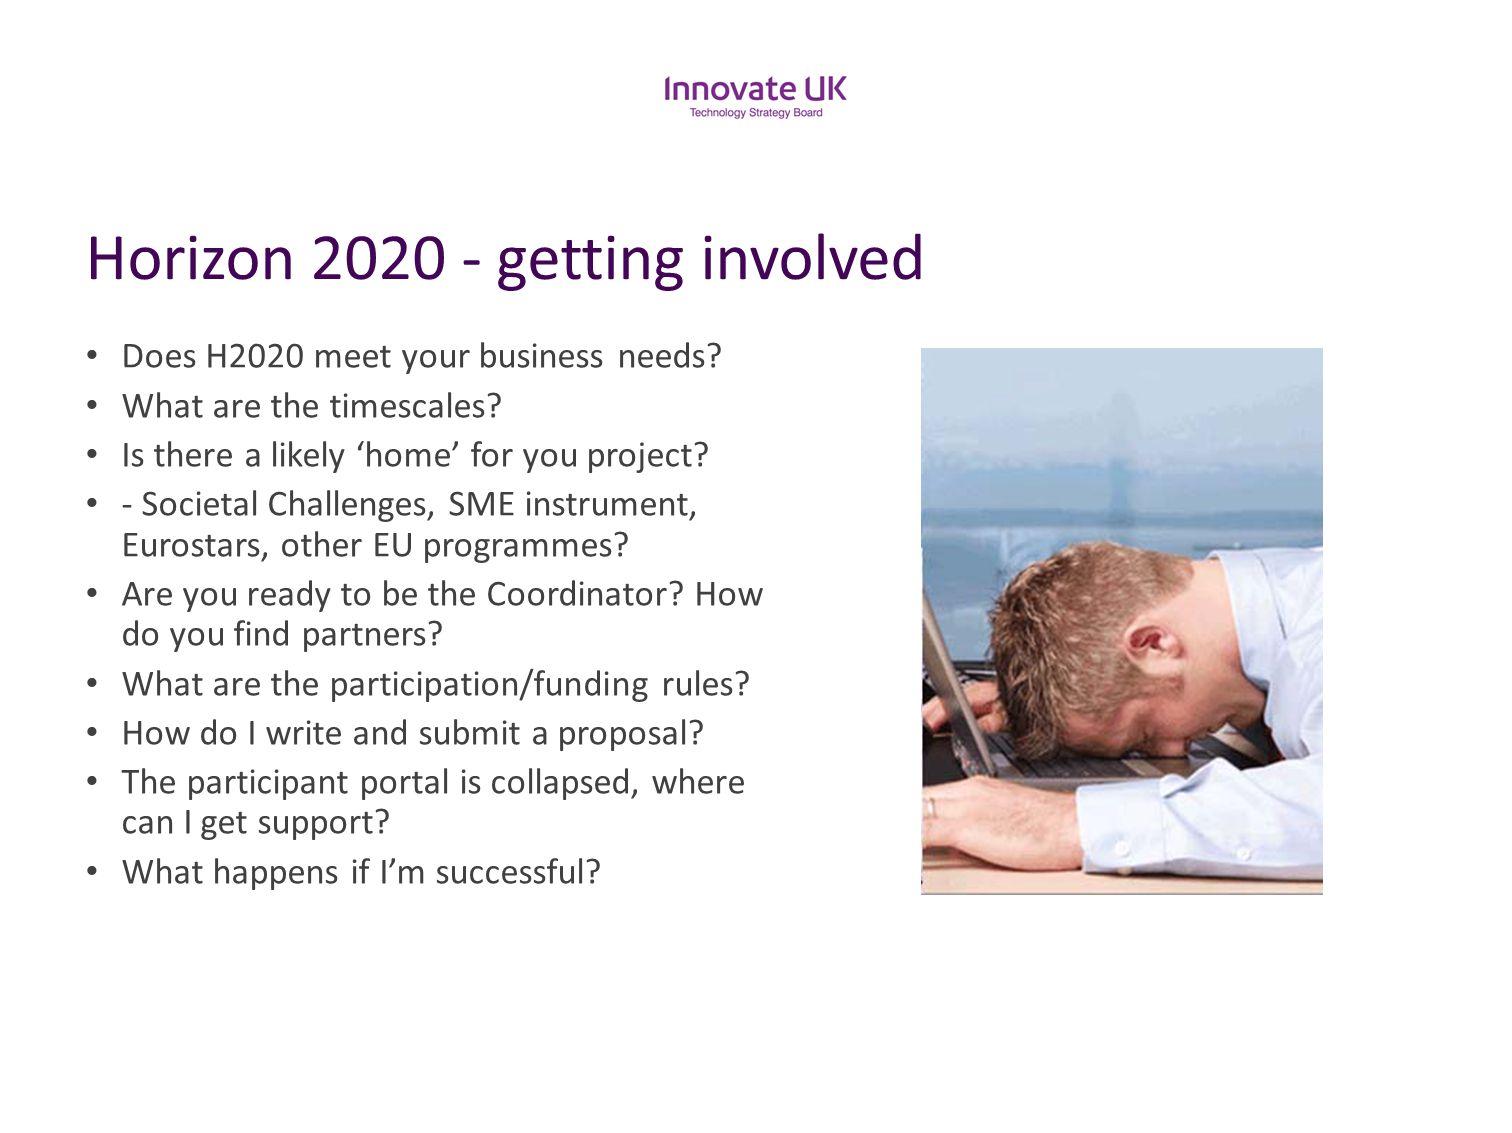 Horizon 2020 - getting involved